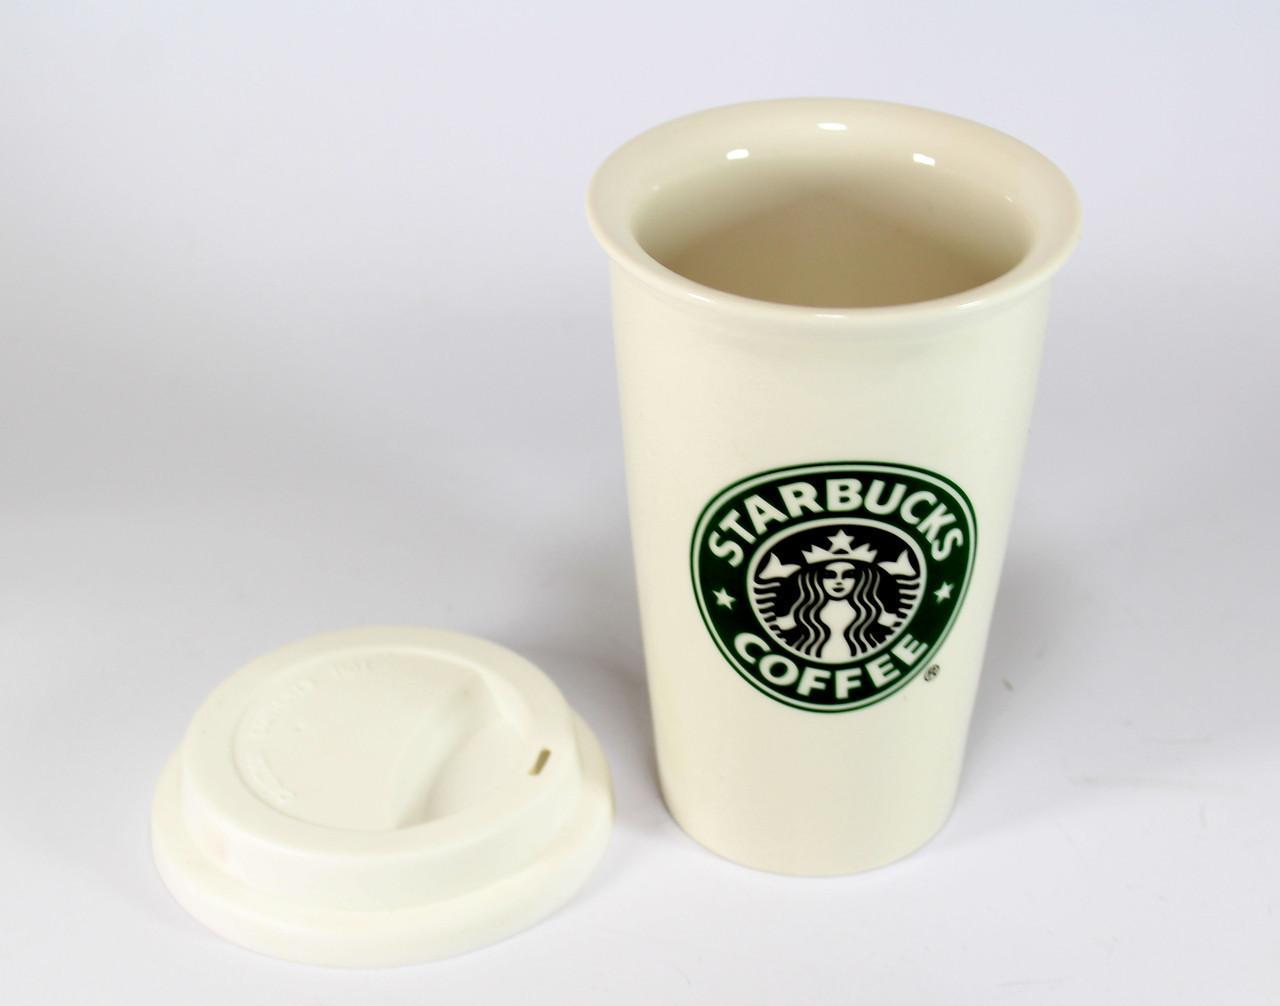 CUP Стакан StarBucks HY101, Керамическая чашка, Термокружка, Стакан для горячих и холодных жидкостей